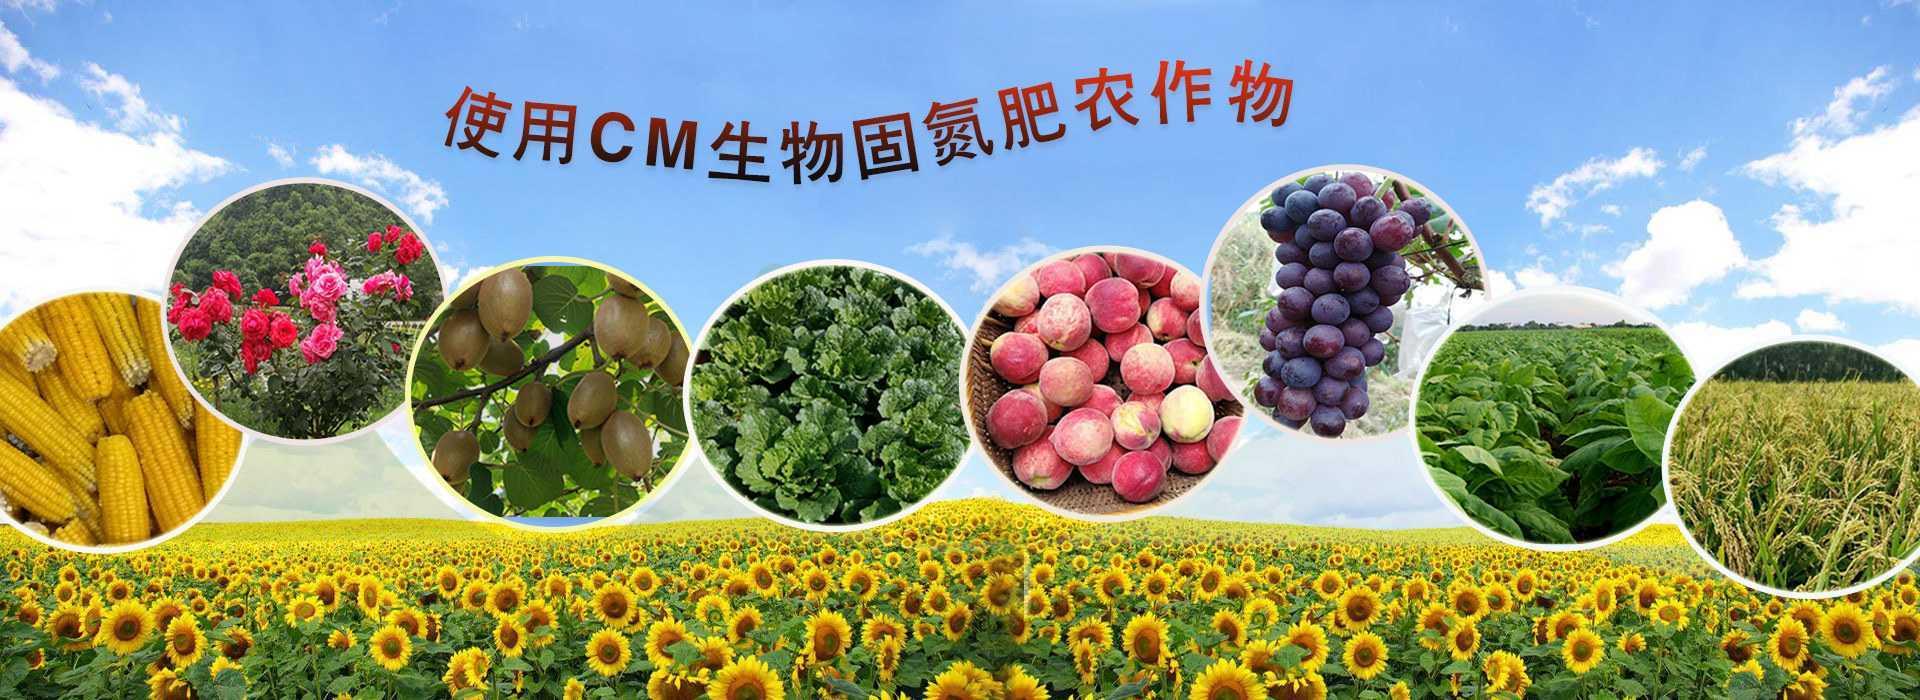 湖南共享农场-CM生物固氮肥效果